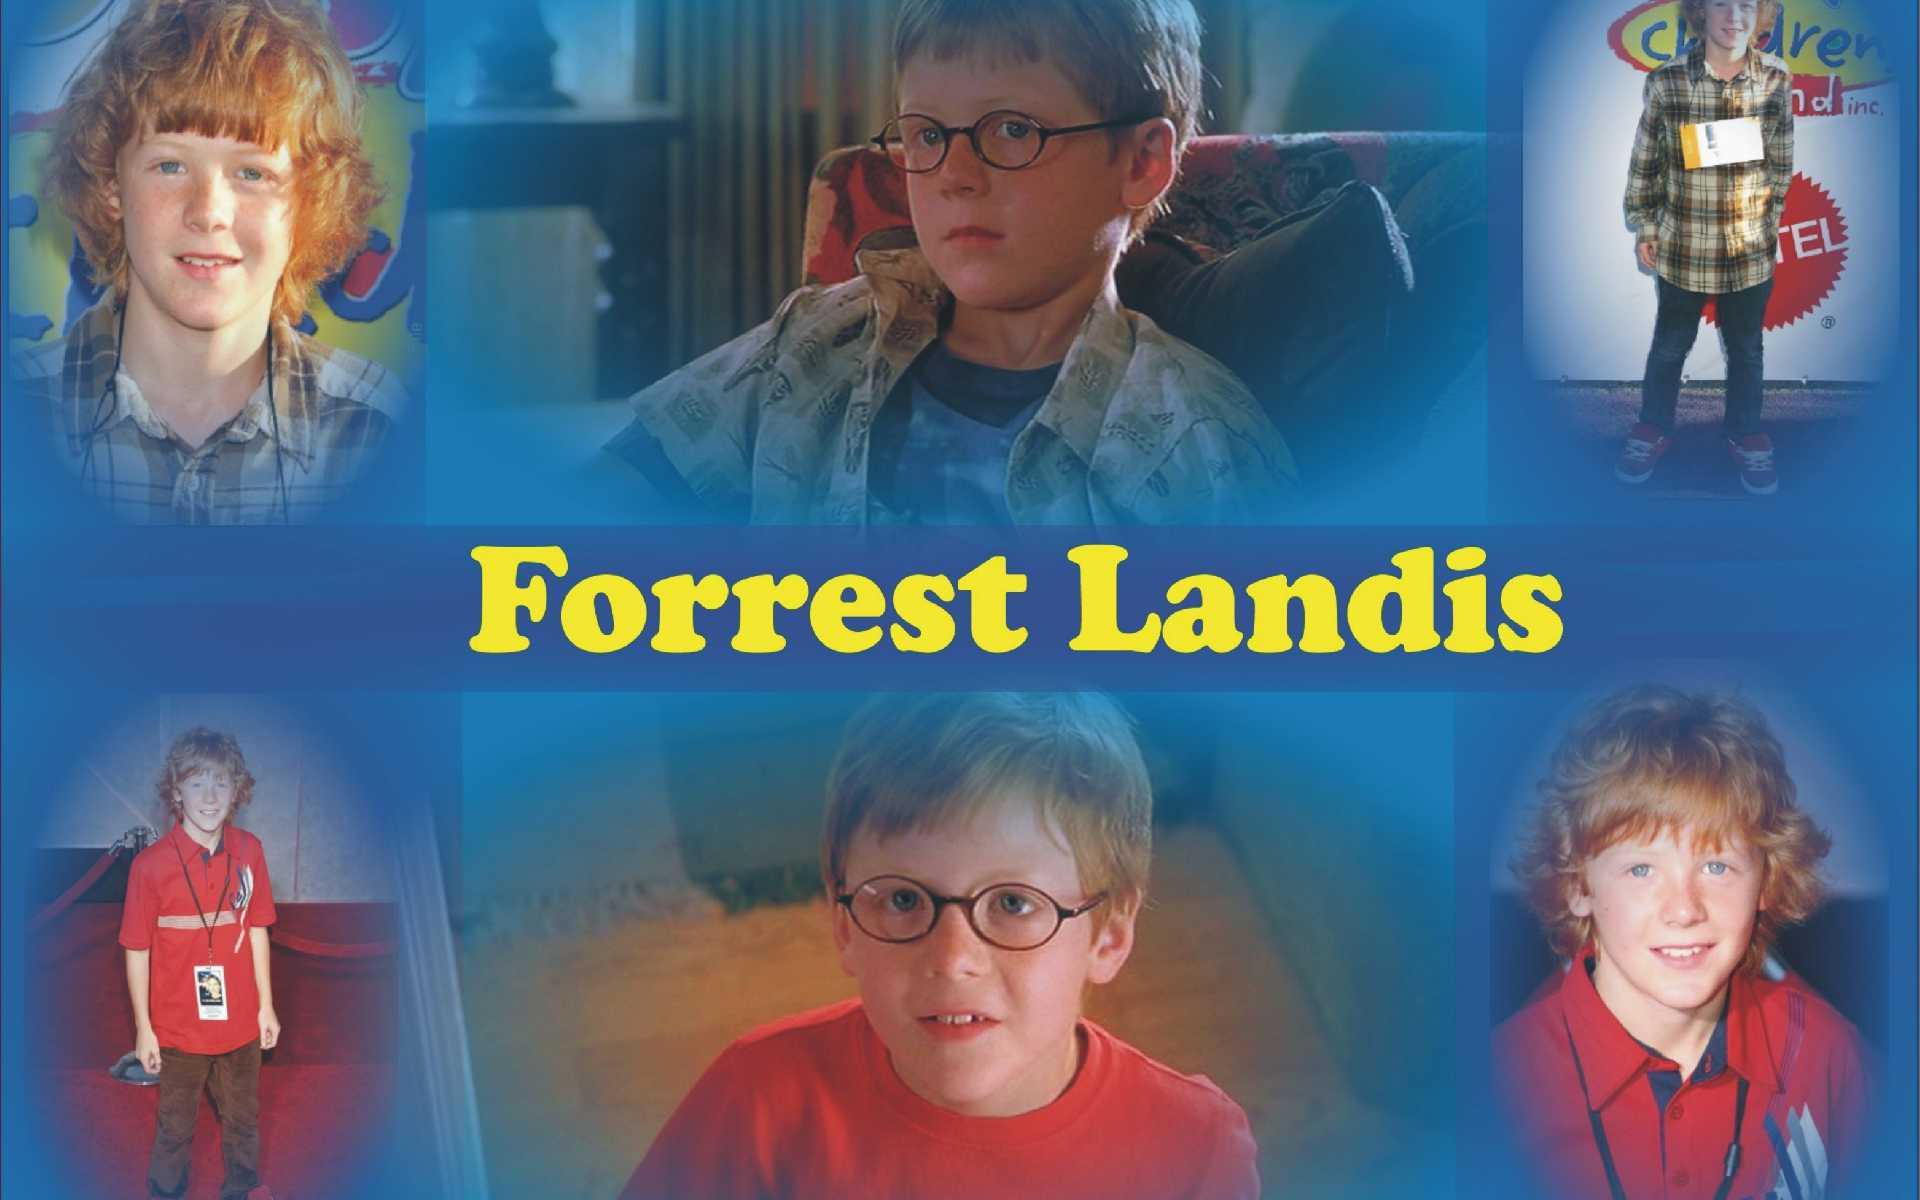 Forrest Landis